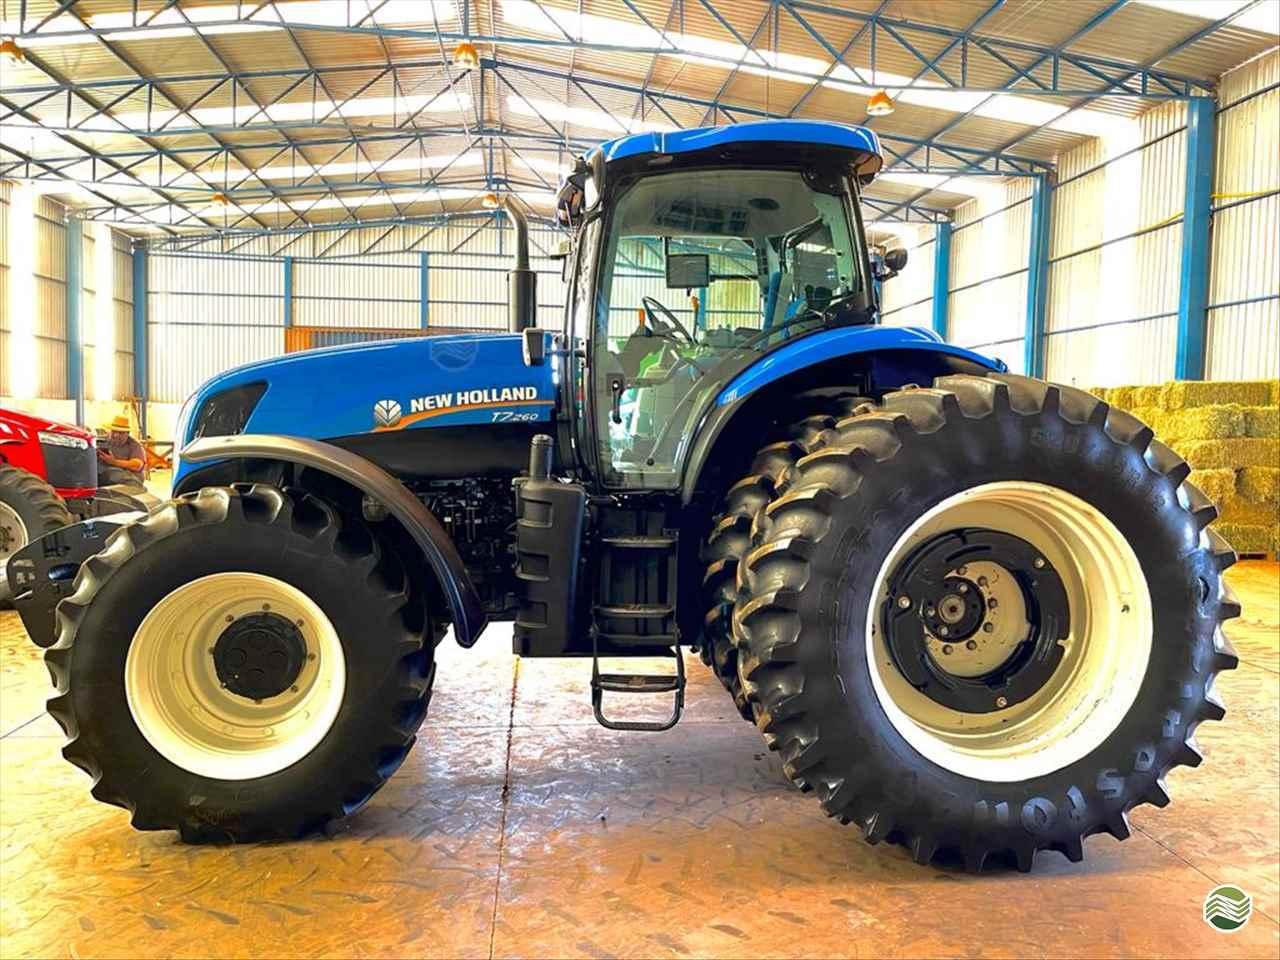 TRATOR NEW HOLLAND NEW T7 260 Tração 4x4 LR Máquinas MIGUELOPOLIS SÃO PAULO SP